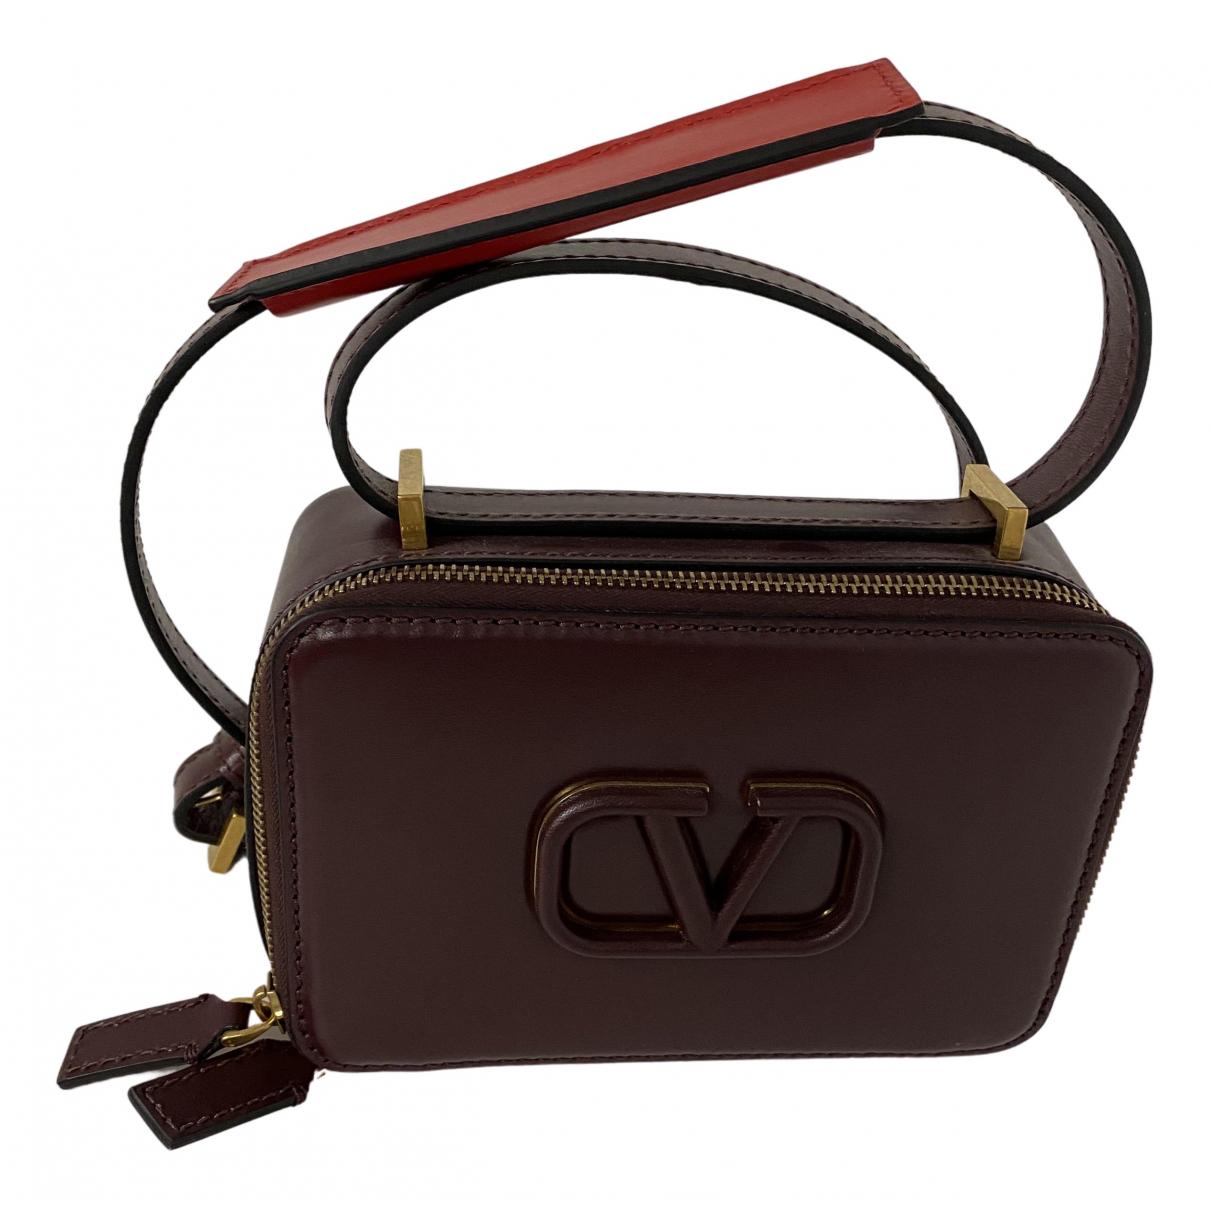 Valentino Garavani - Sac a main   pour femme en cuir